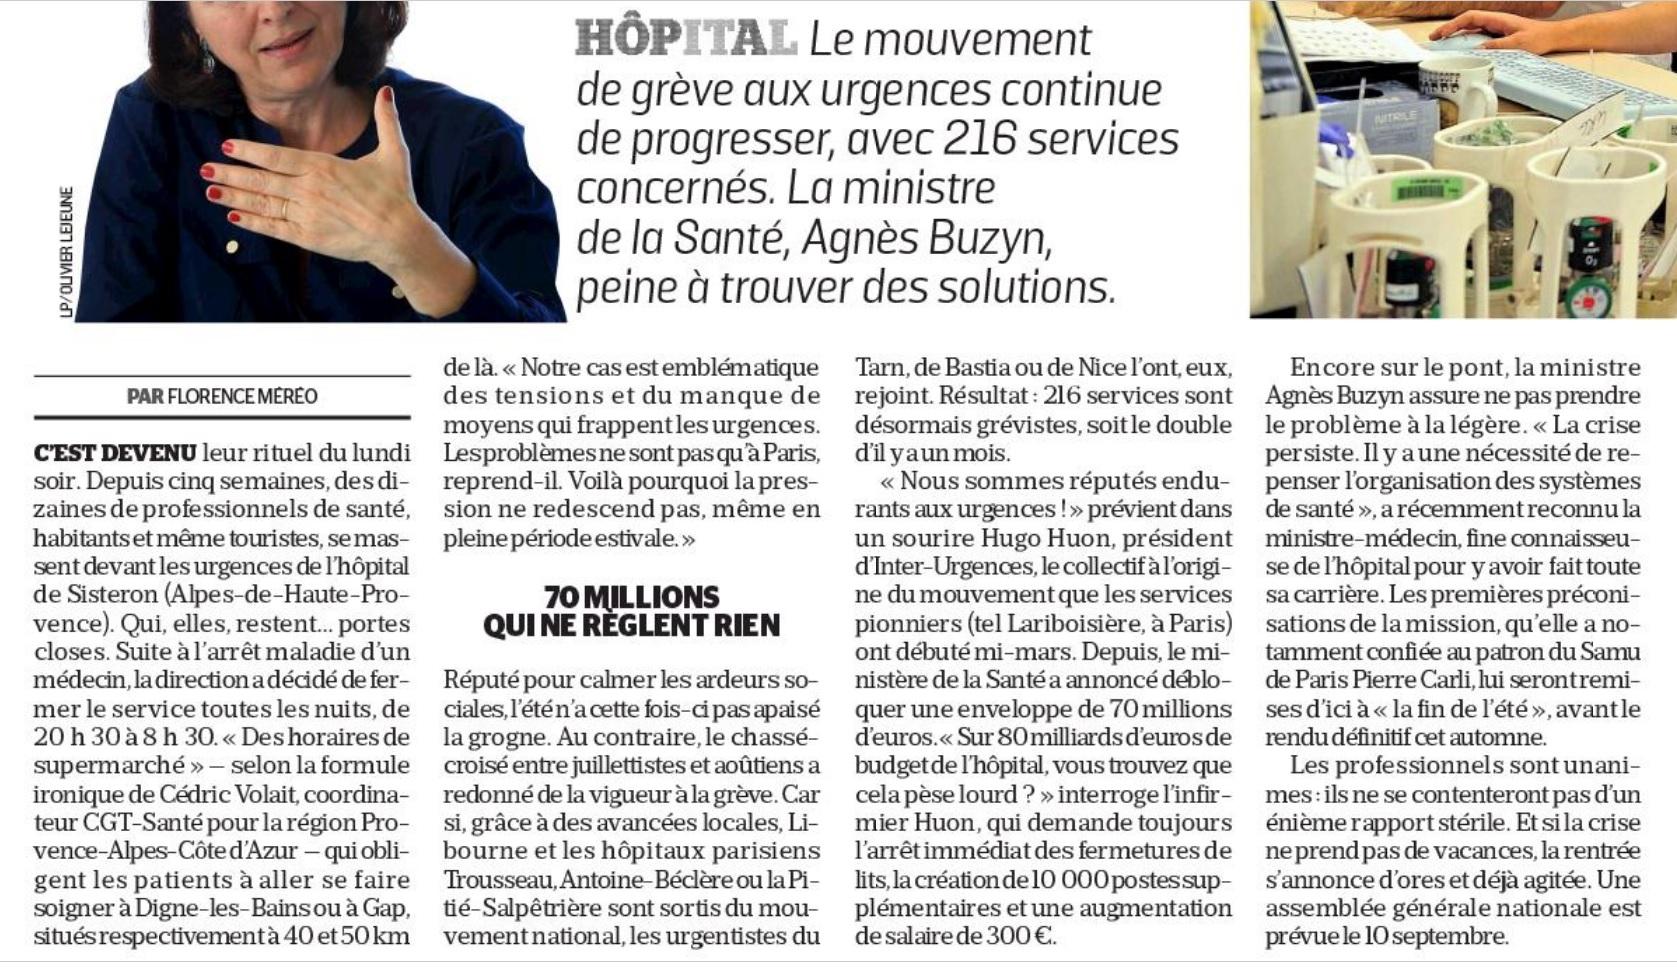 1154. Dossier crise aux urgences (4)